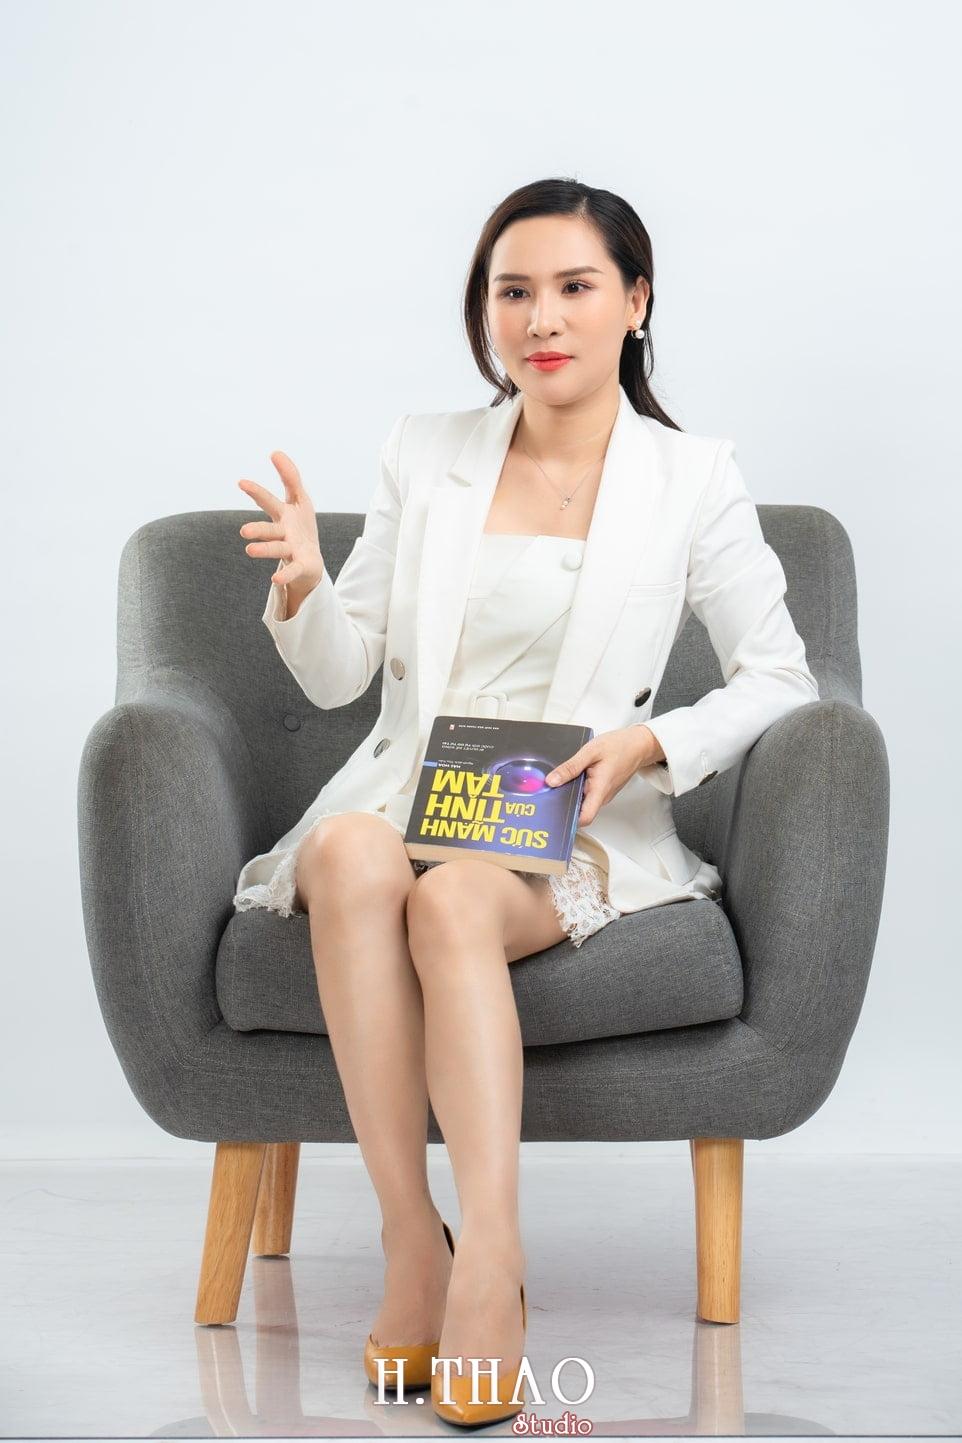 Doanh nhan nu 16 - Ảnh nữ doanh nhân bất động sản, phó TGĐ Express Ms.Nho – HThao Studio